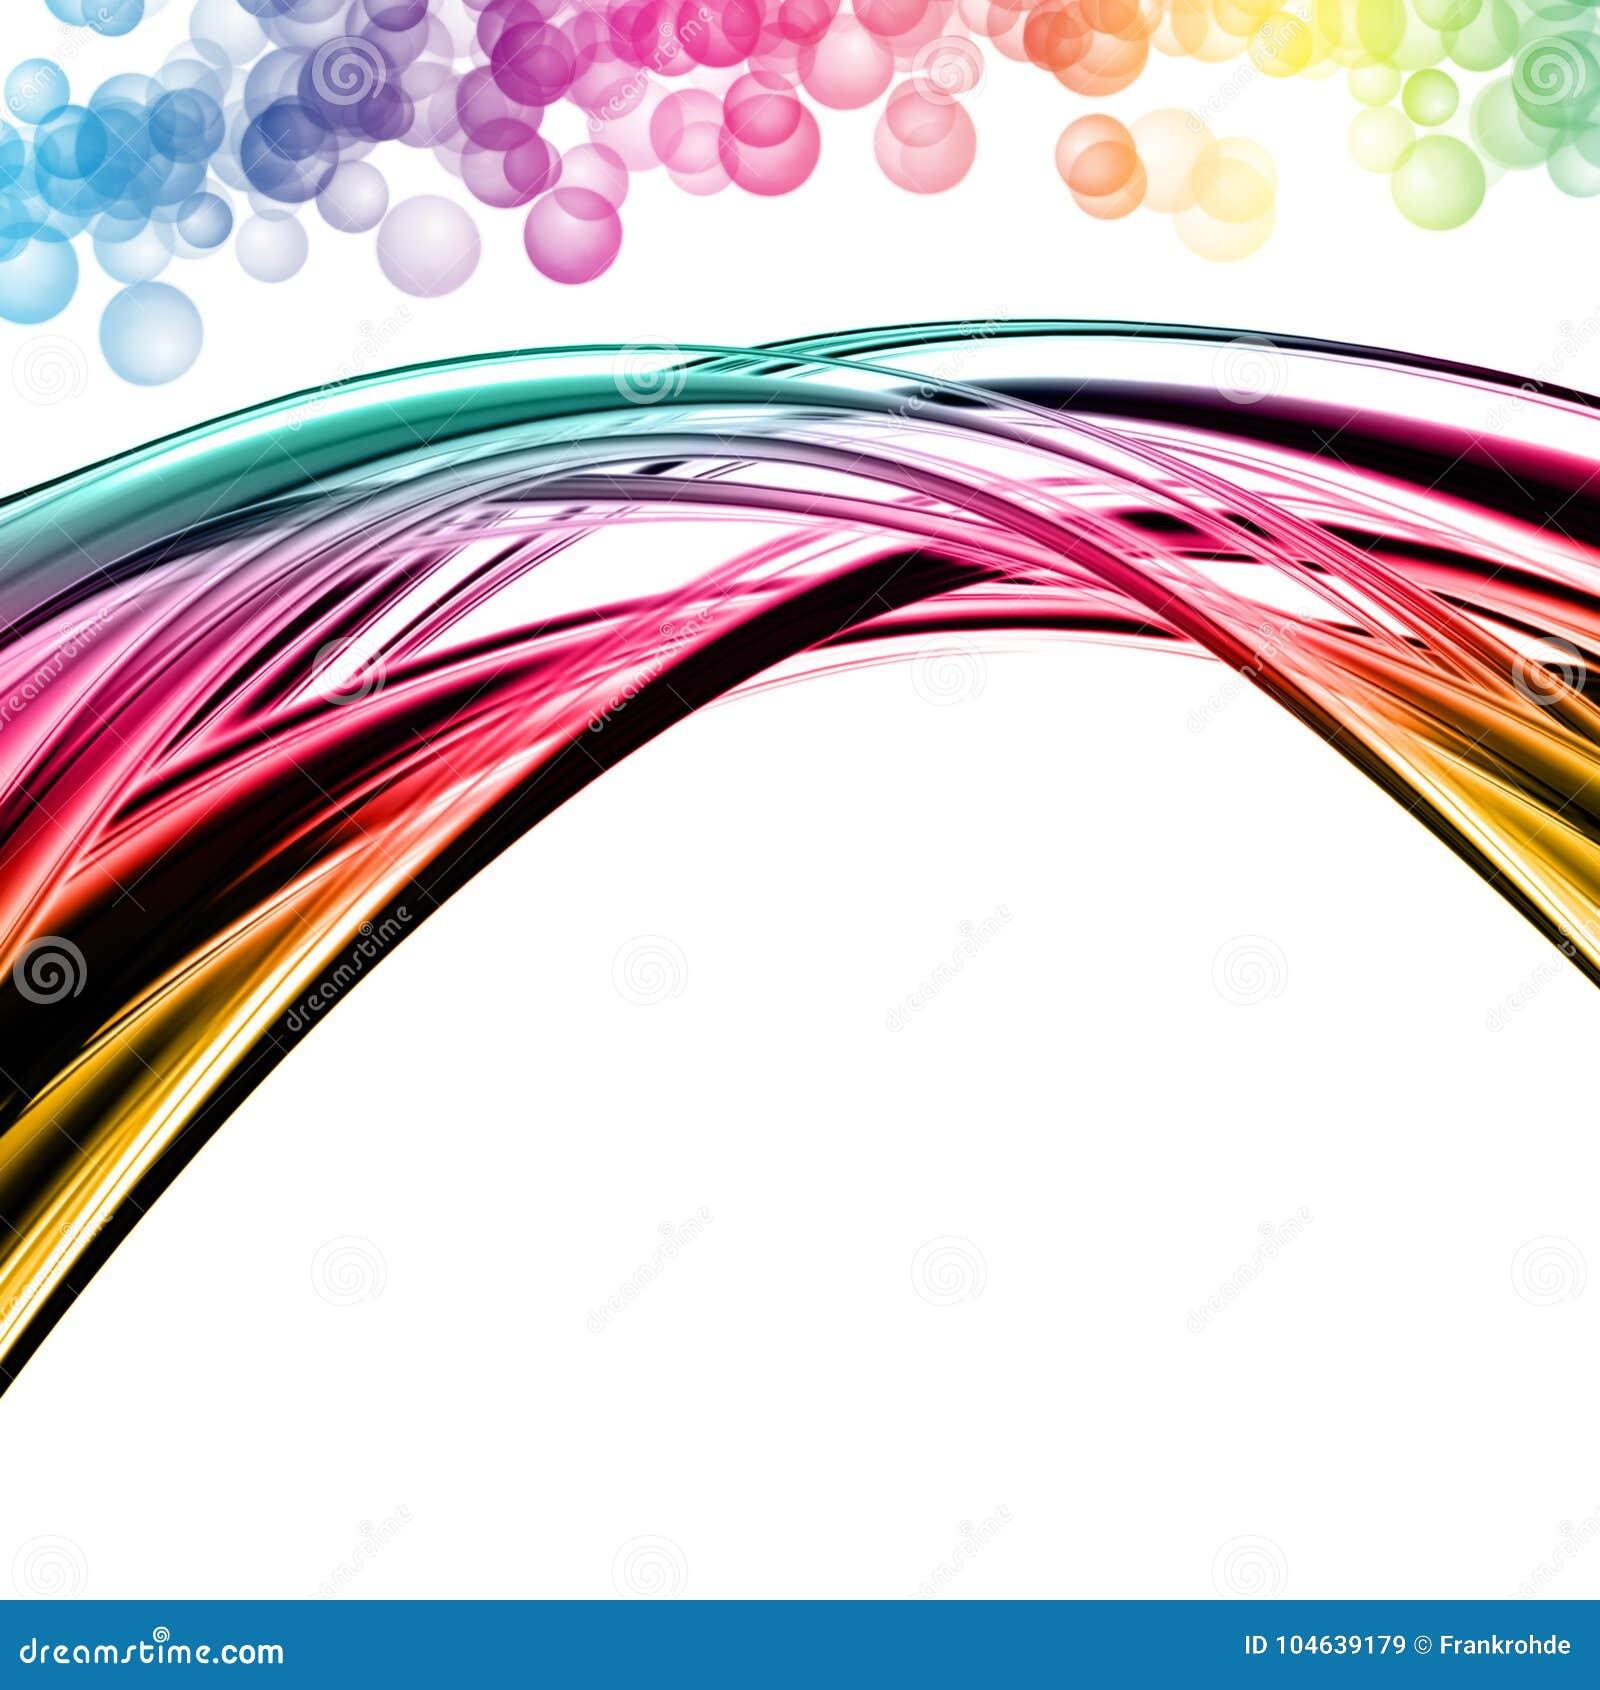 Download Abstract Elegant Ontwerp Als Achtergrond Stock Illustratie - Illustratie bestaande uit mooi, kleur: 104639179